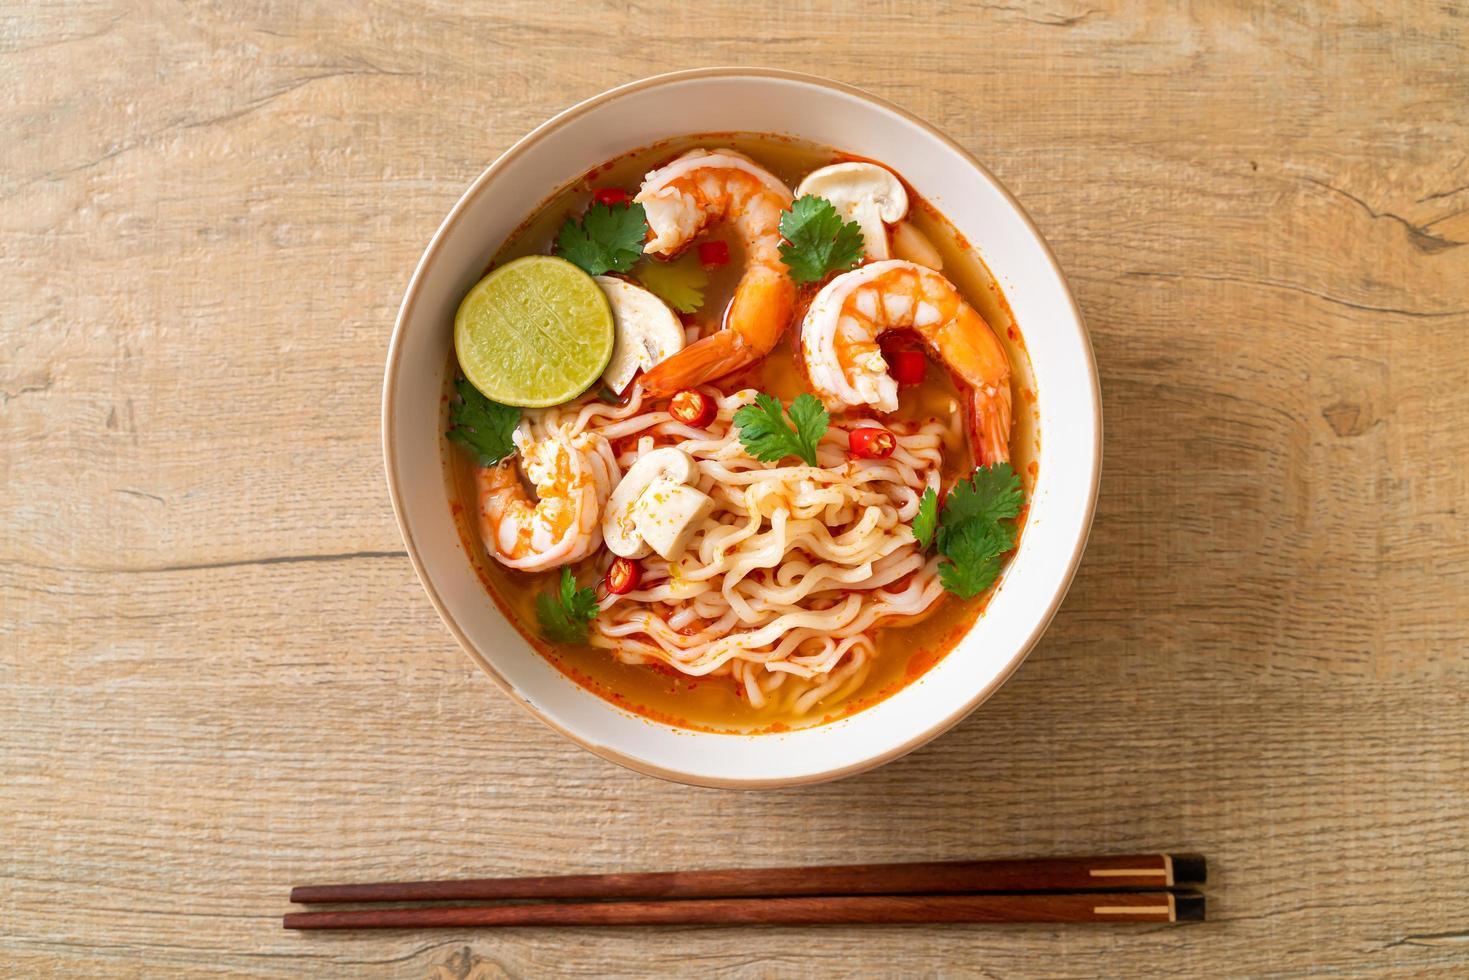 noodles istantanei ramen in zuppa piccante con gamberi - tom yum kung - stile asiatico foto